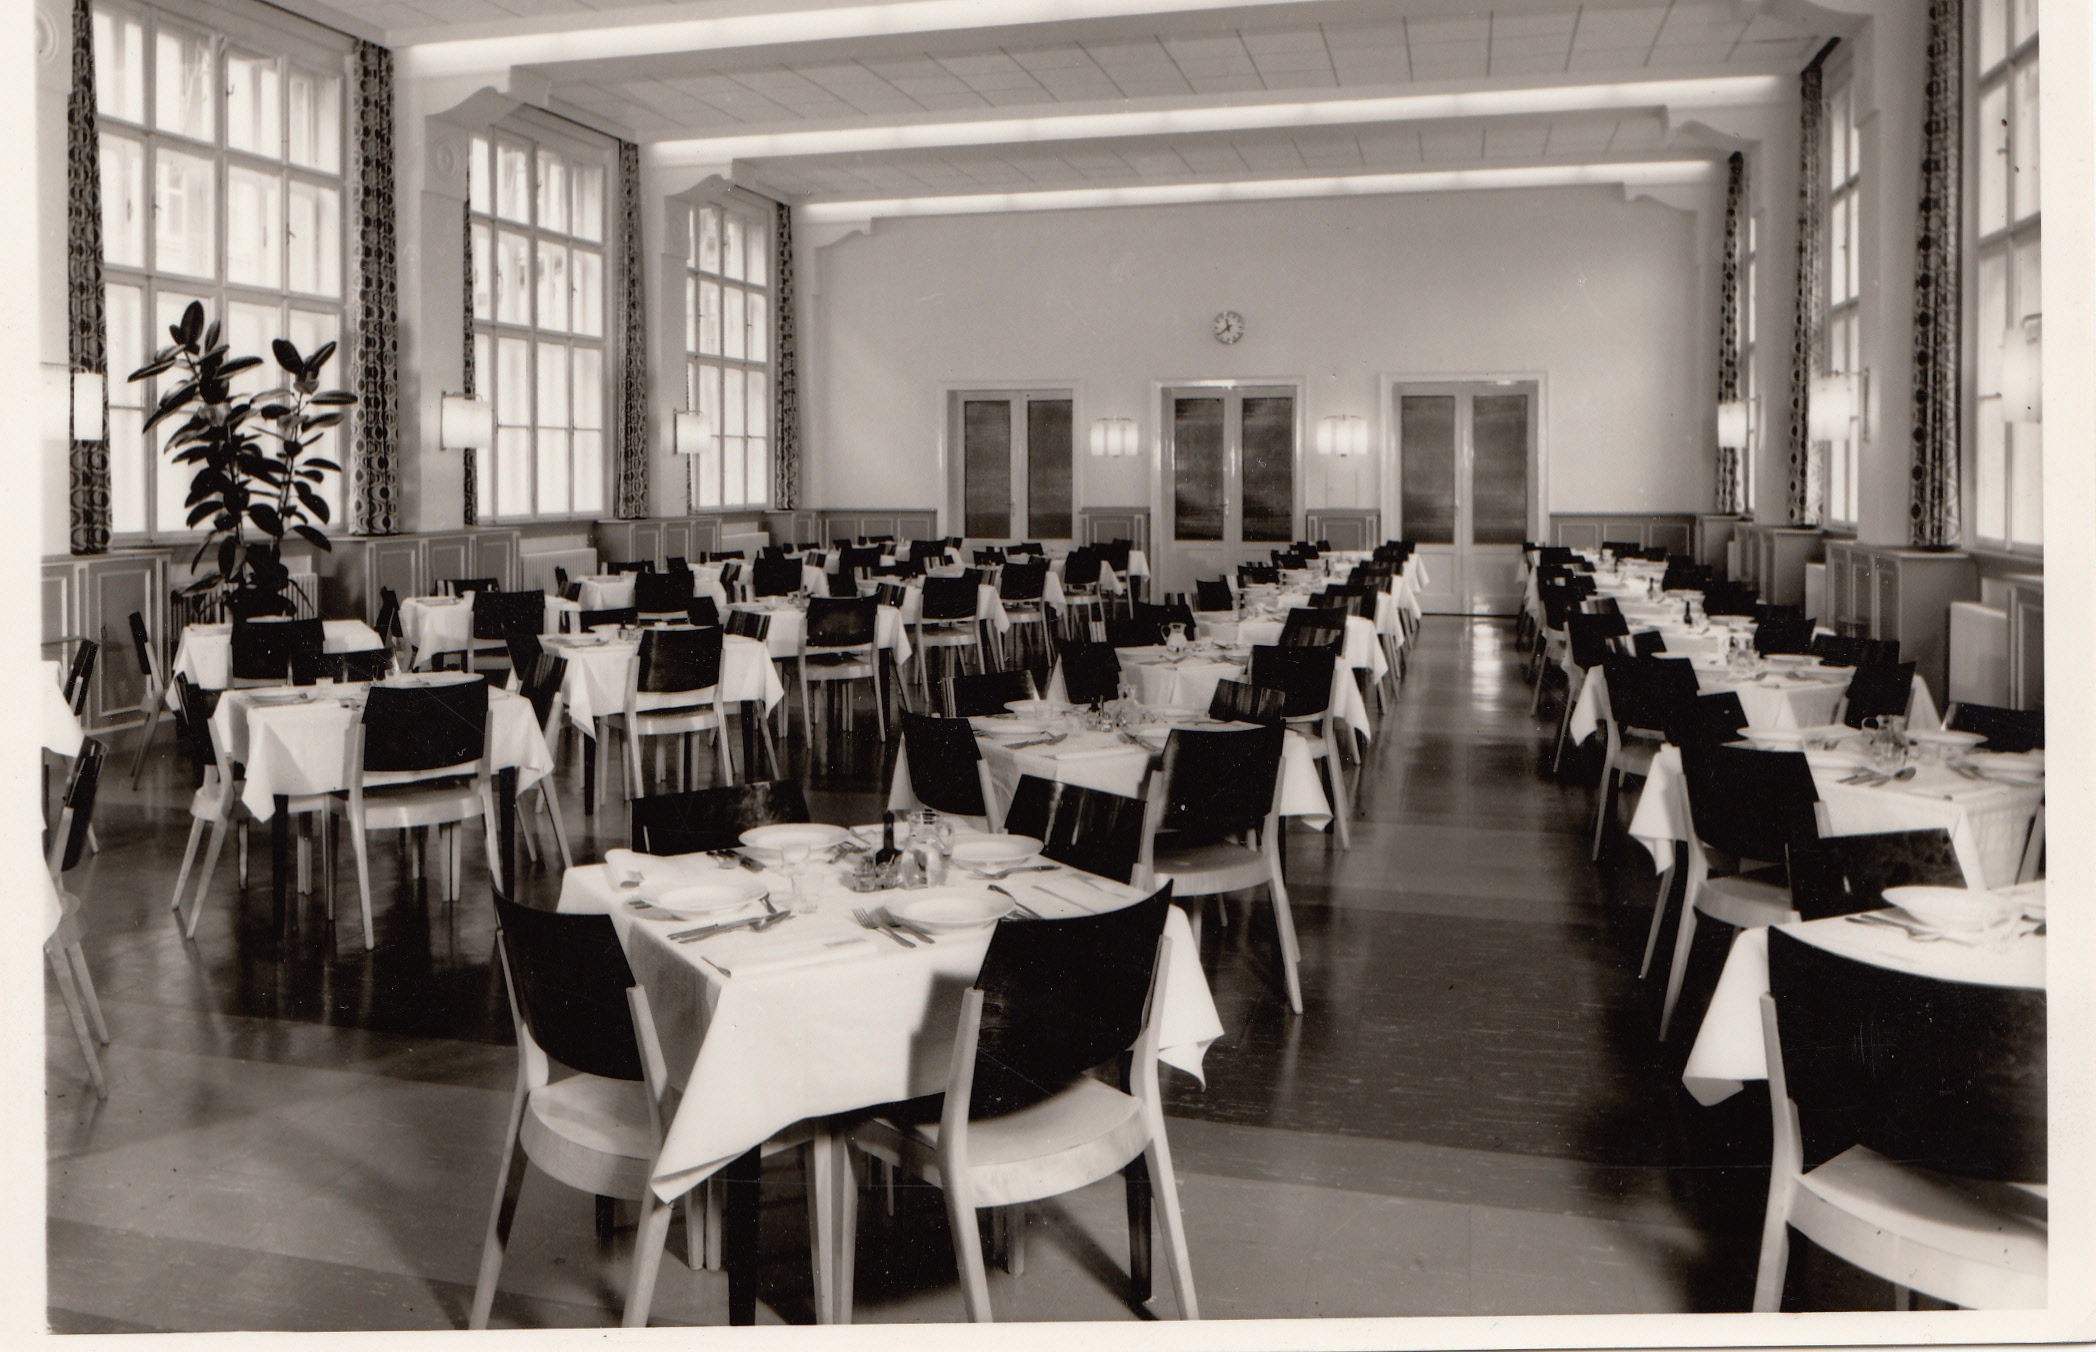 1958 - 1968: Seniorenheim